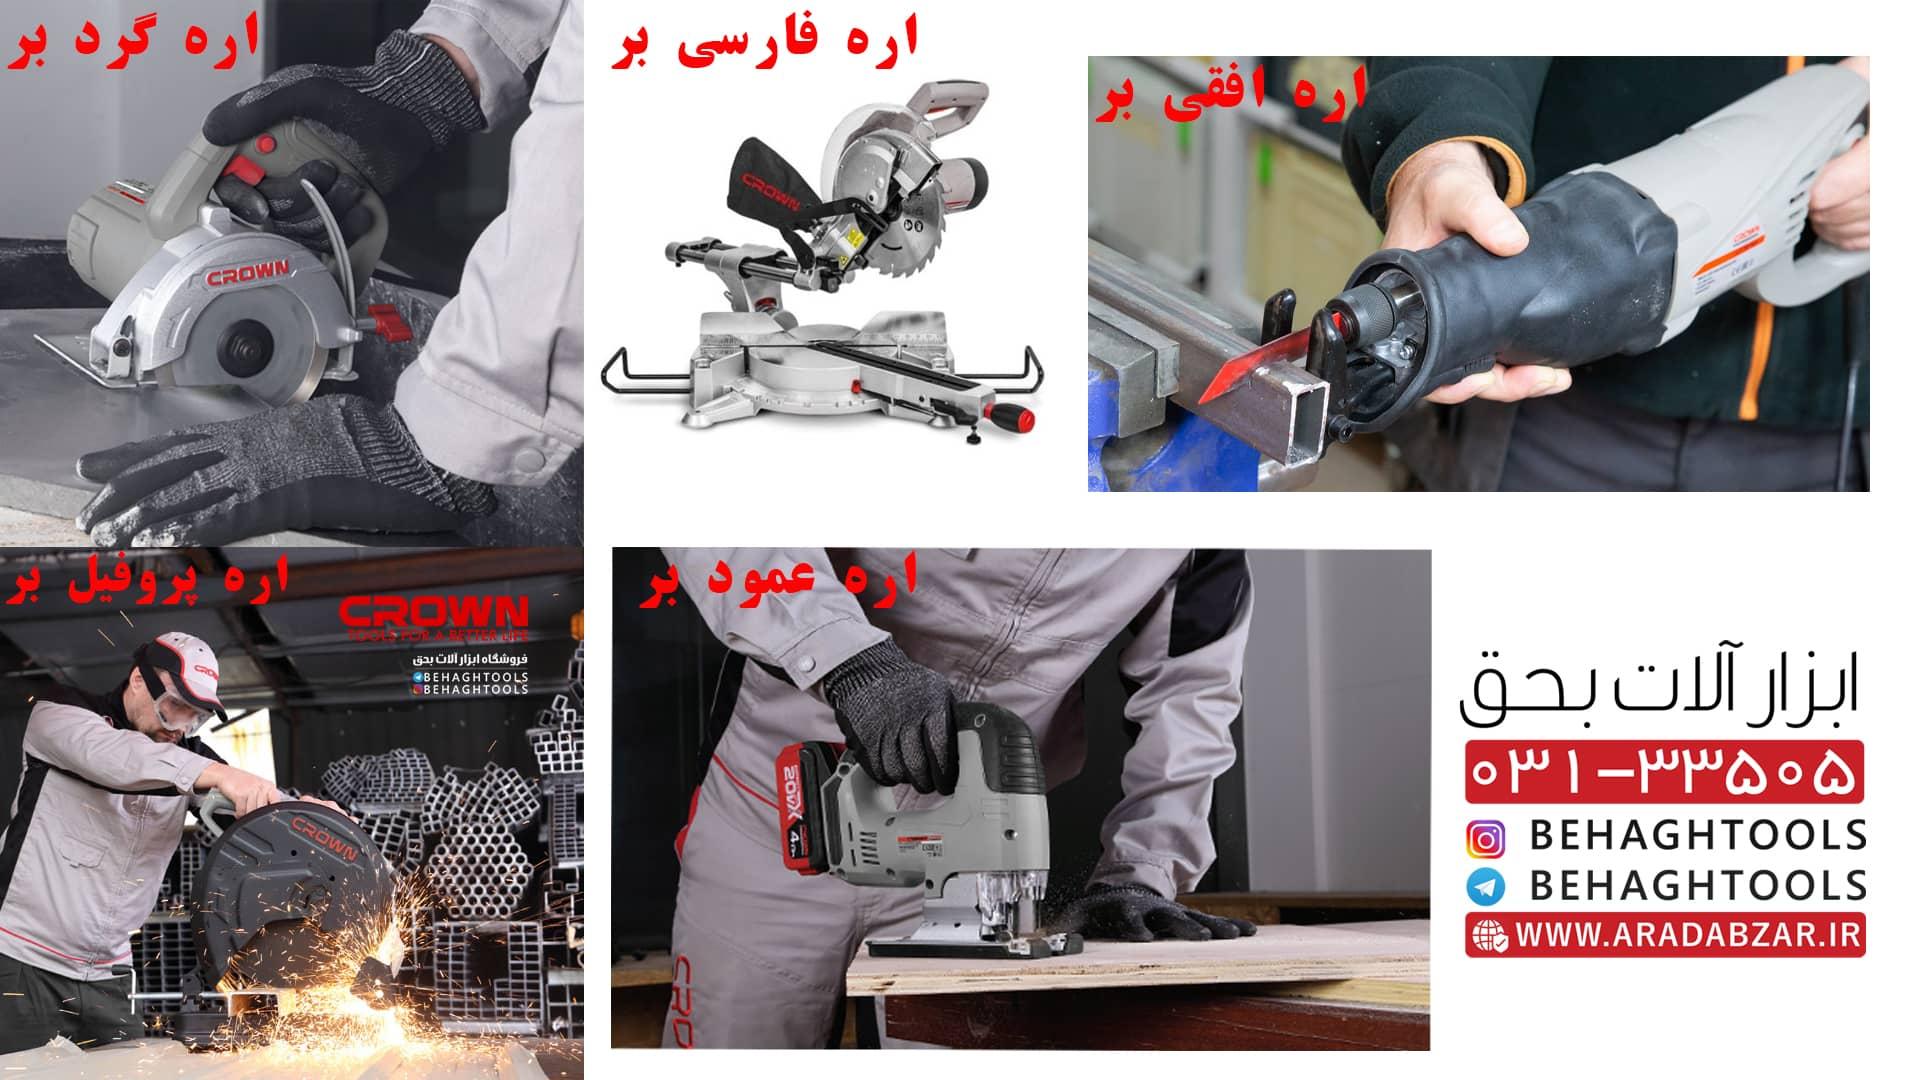 ابزار آلات ساختمانی (اره برقی)